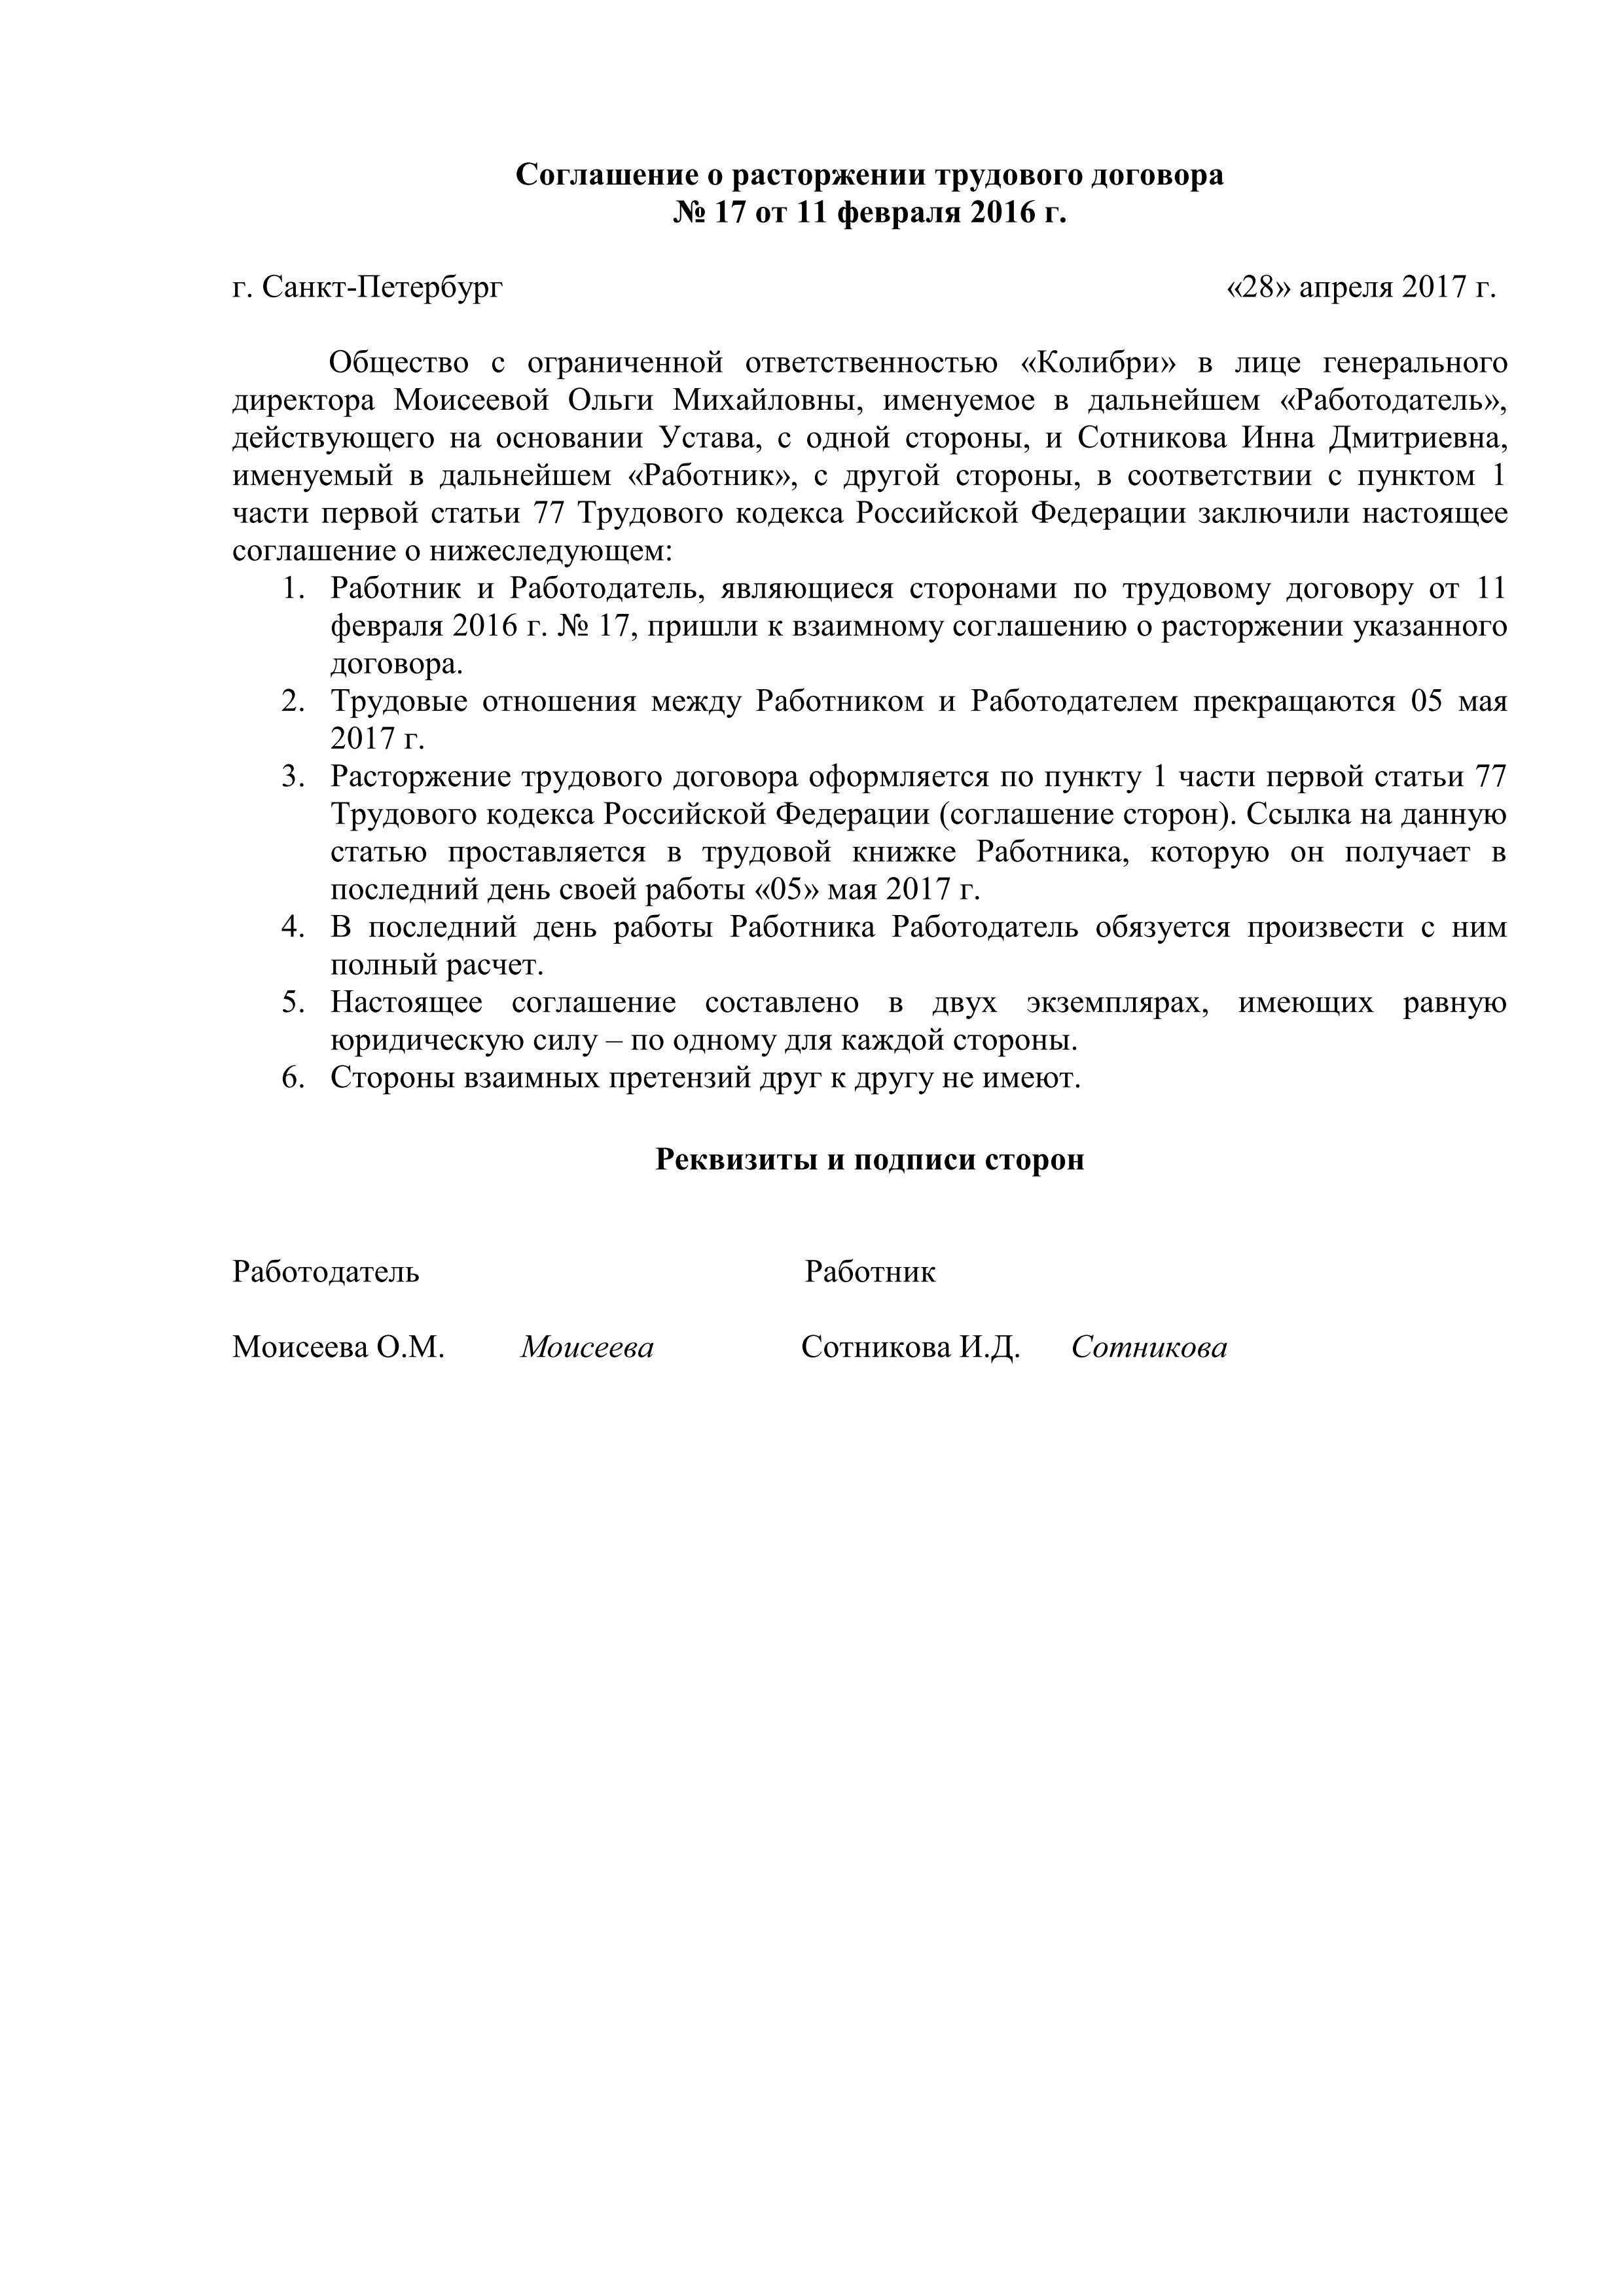 Расторжение трудового договора по соглашению сторон nalog-nalog. Ru.